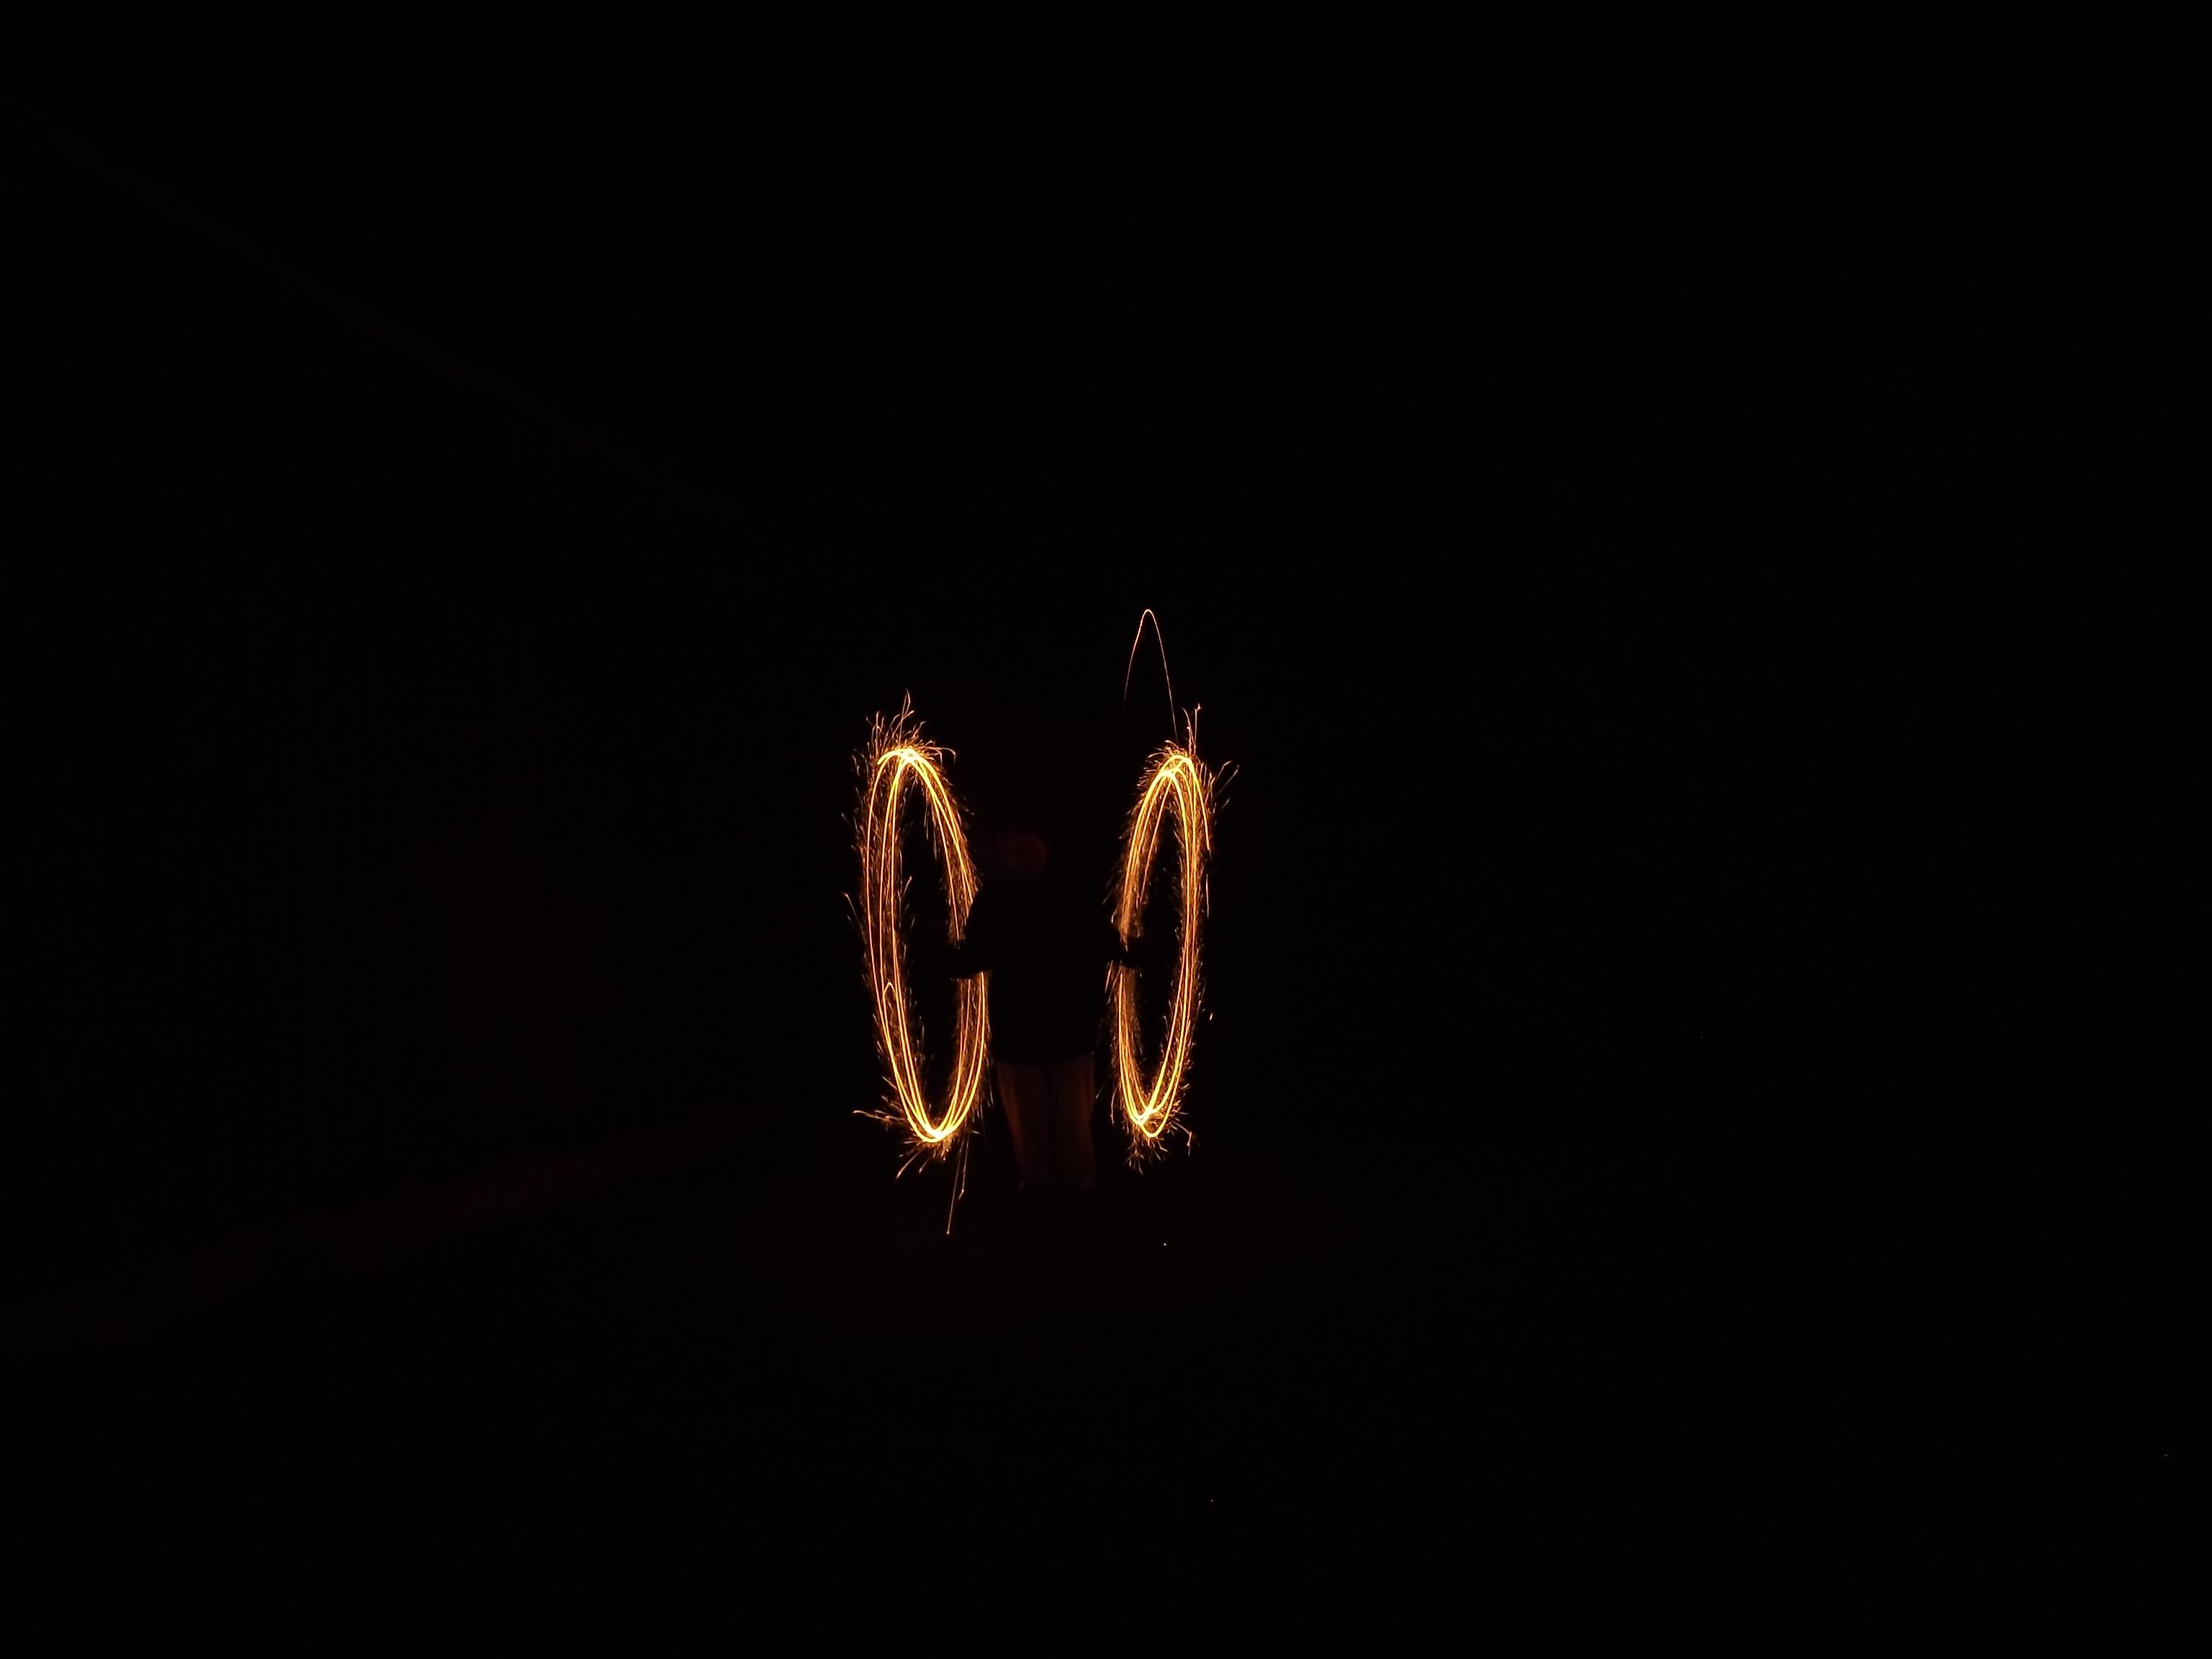 4567-feuer-ringe-nebeneinander